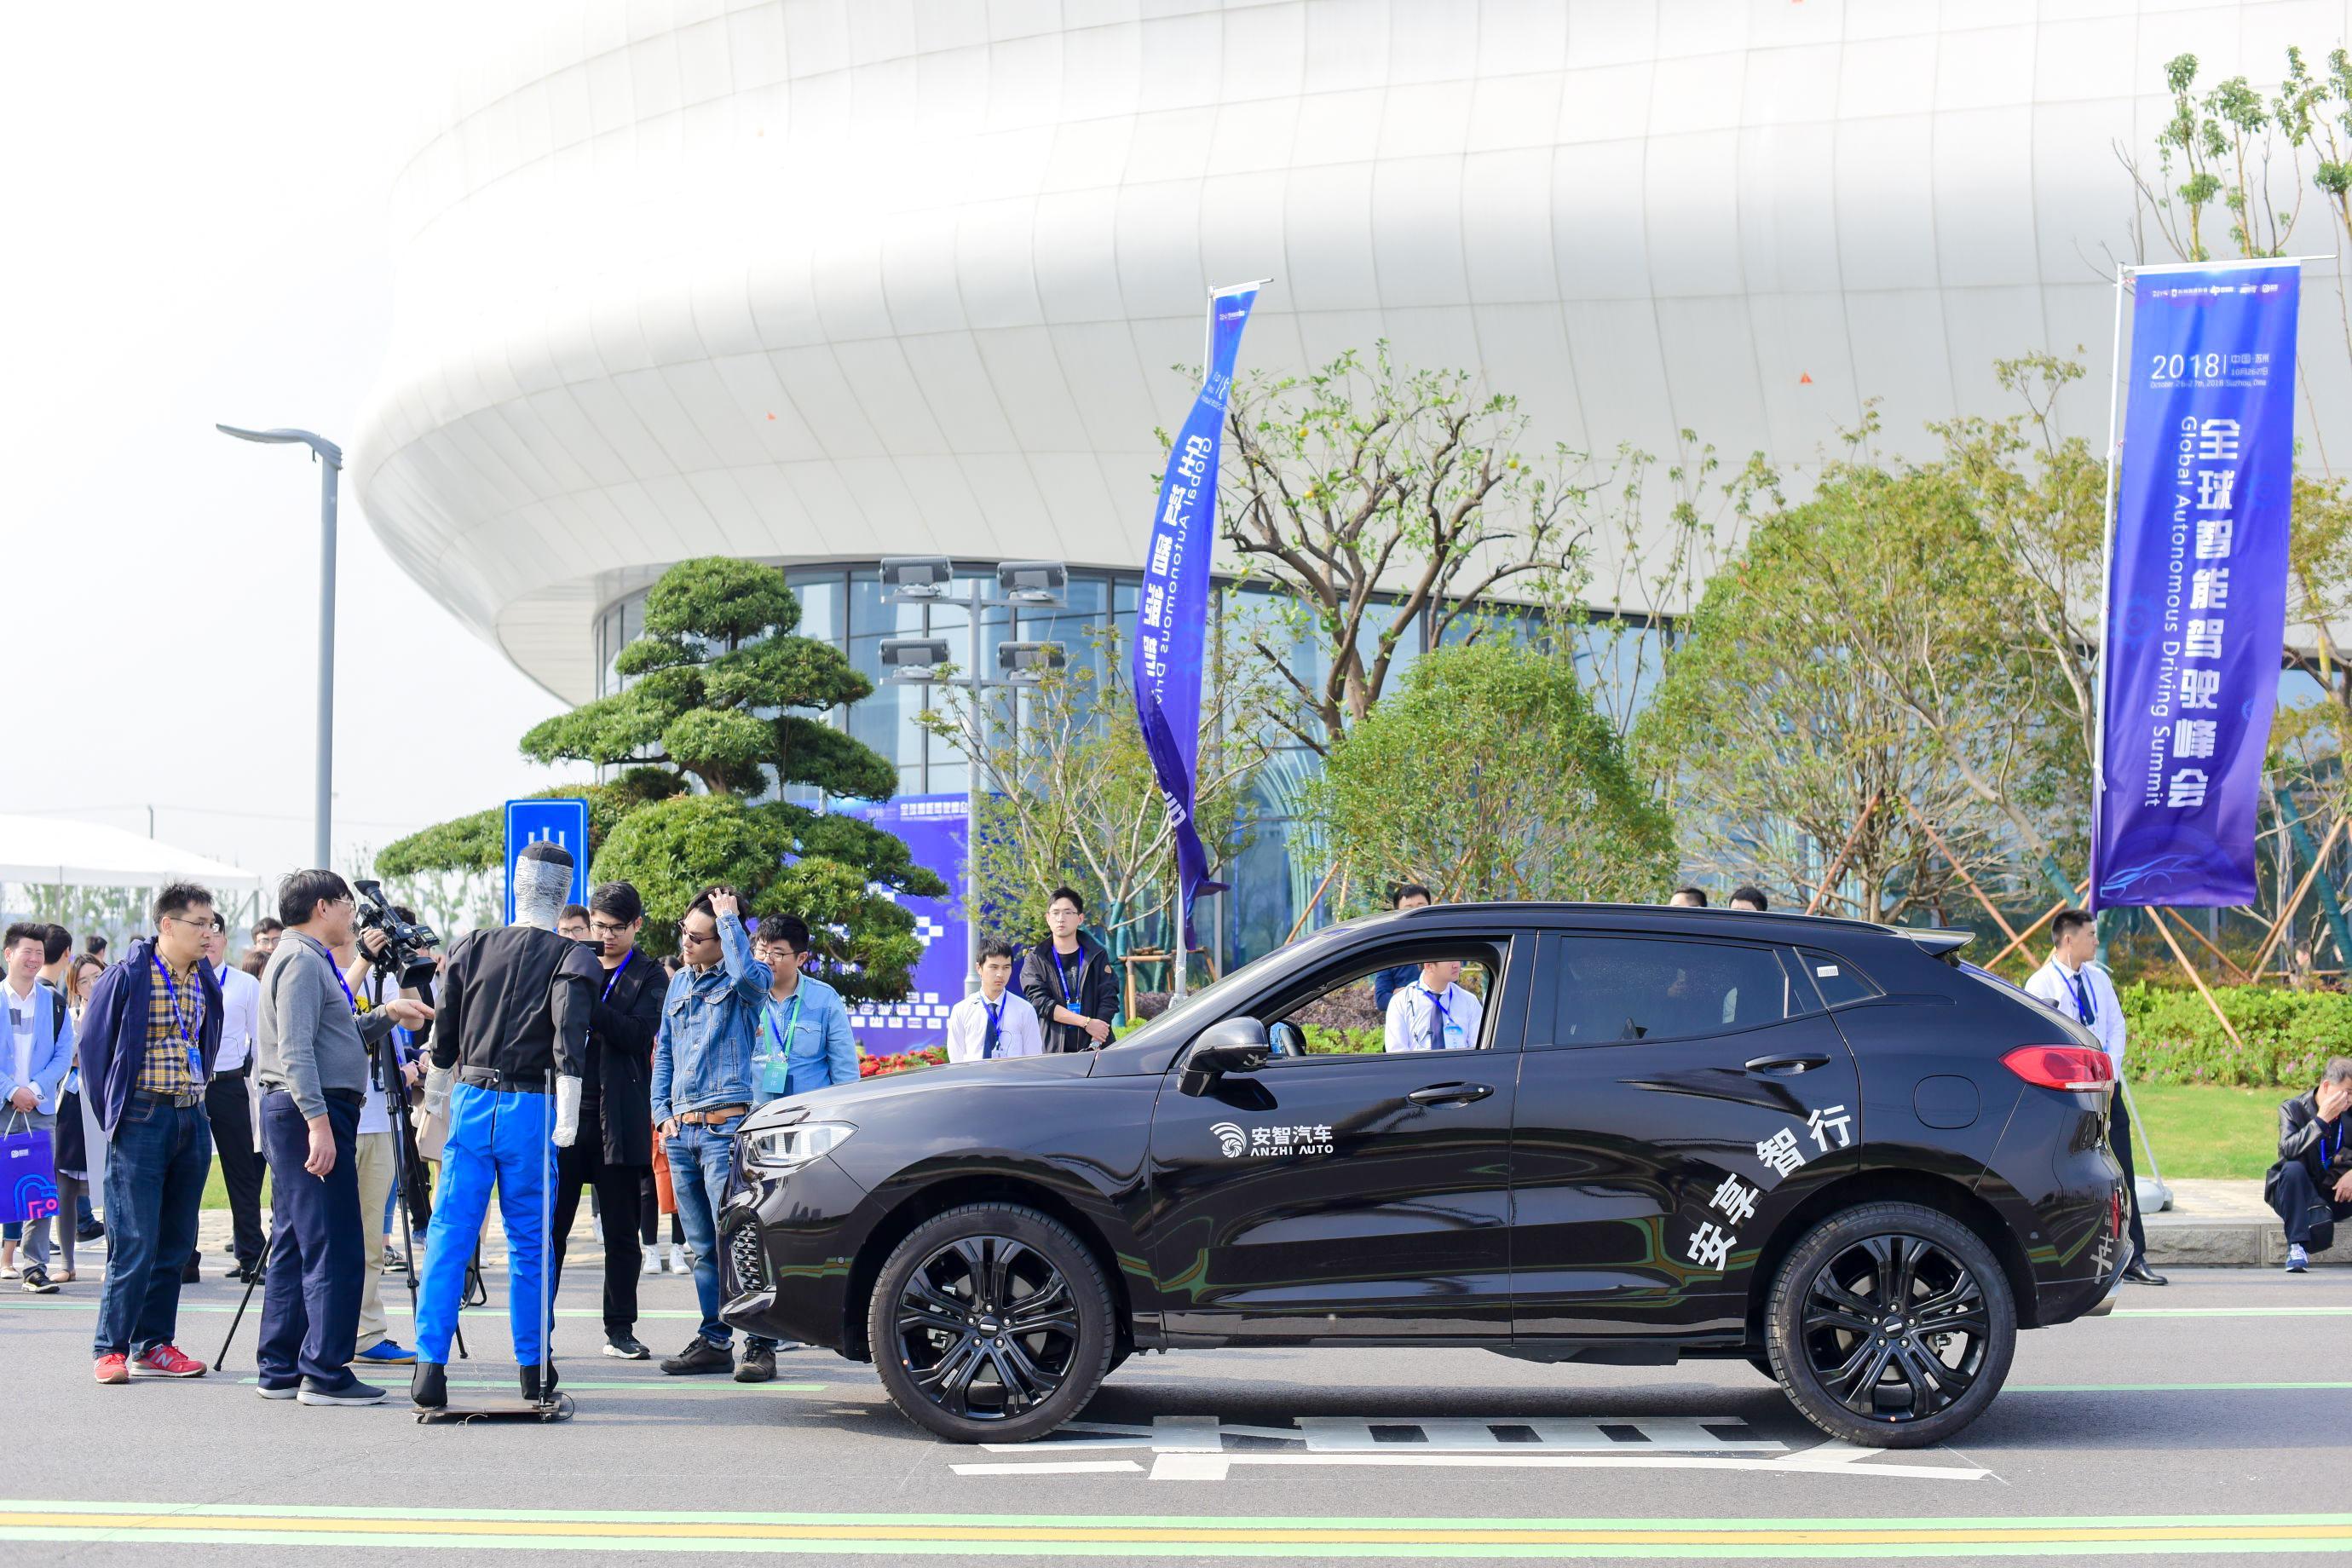 安智汽车全球智能驾驶峰会开跑:如何通往稳健自动驾驶之路?